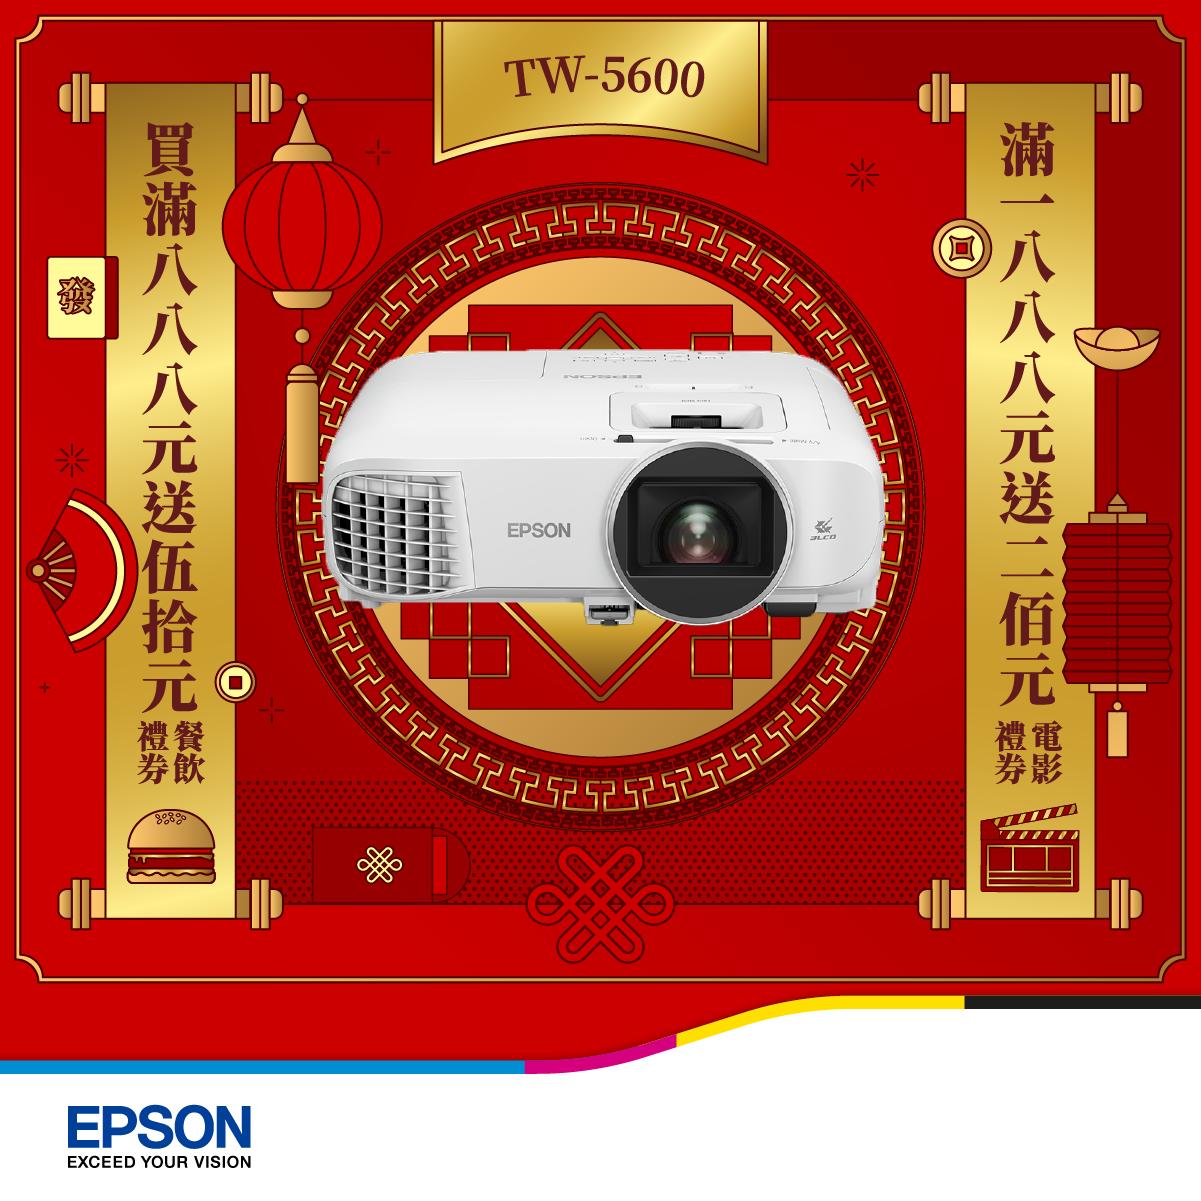 EH-TW5600